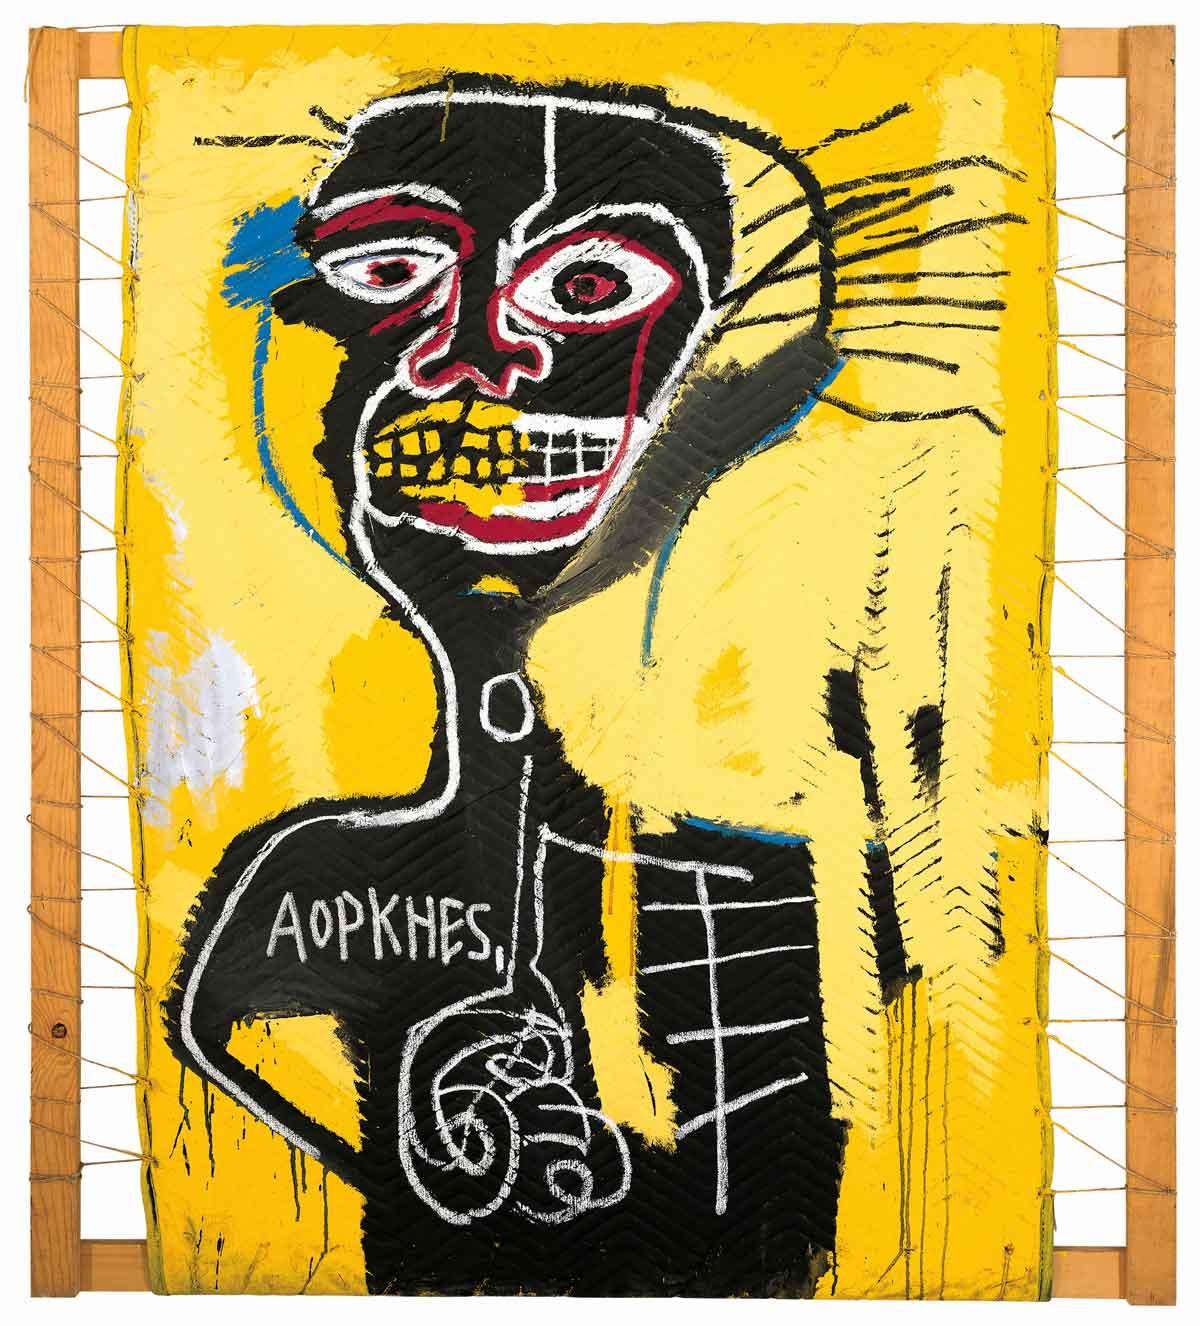 (Image courtesy of Basquiat.com)